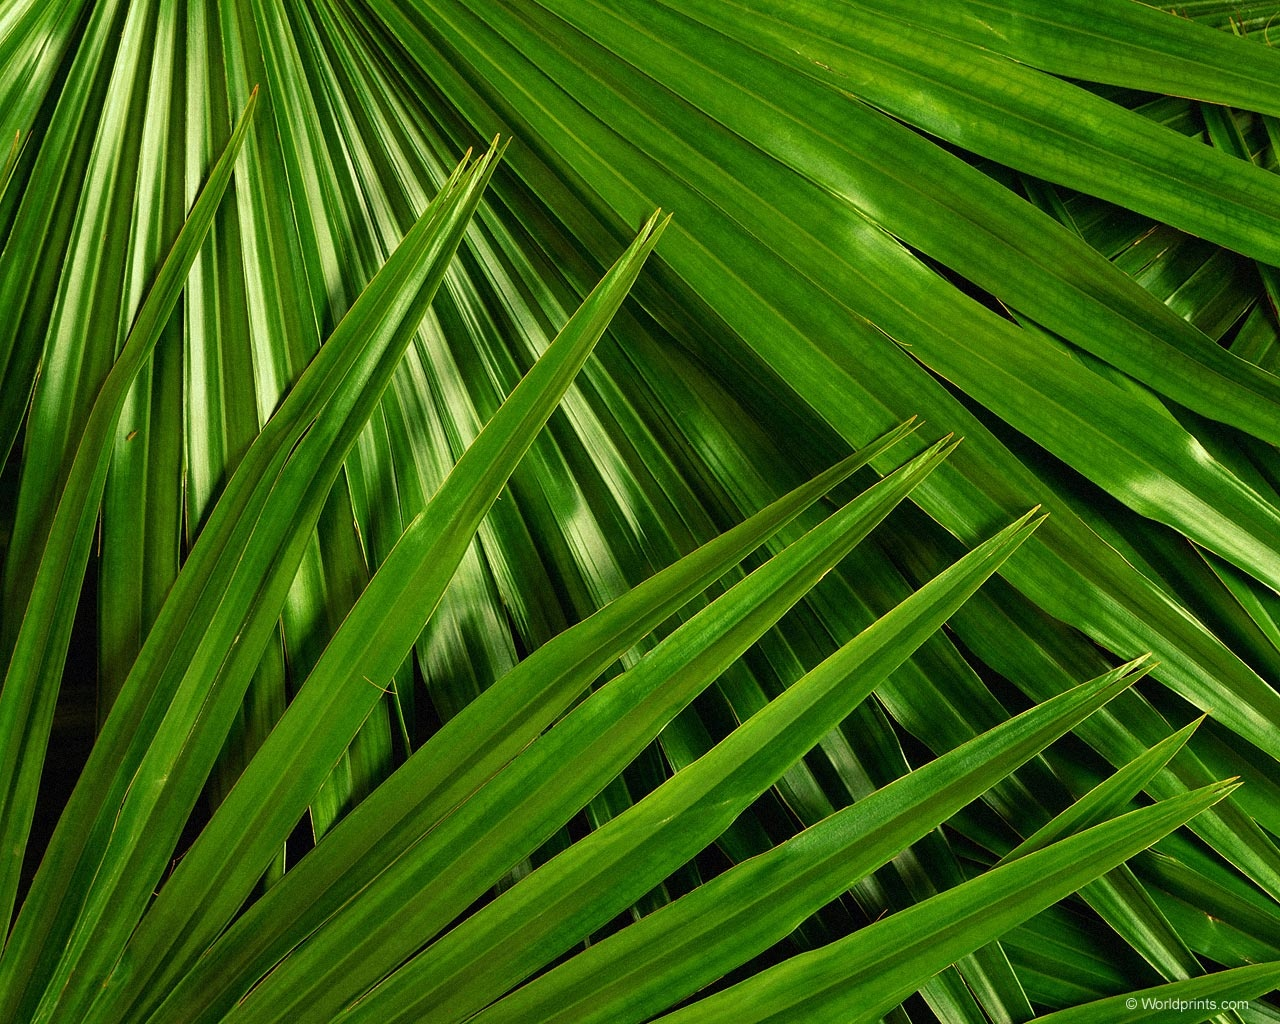 Palm Leaves Wallpaper - WallpaperSafari